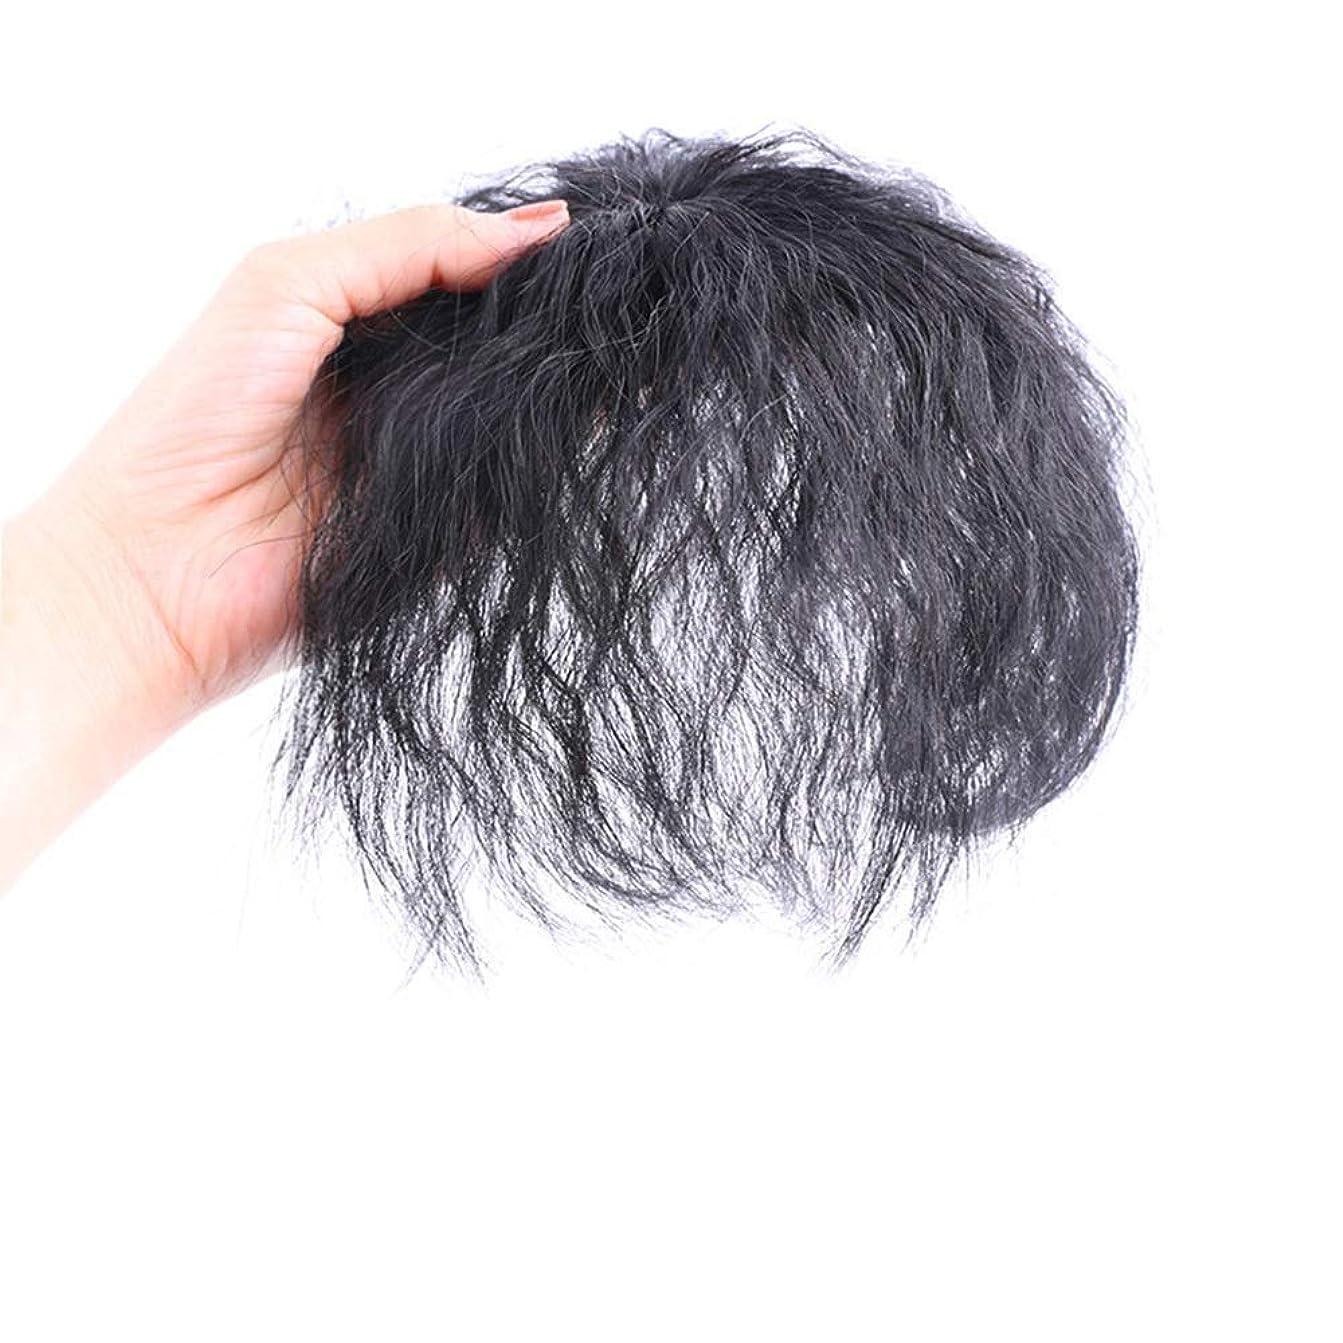 潤滑するシェフ民主党BOBIDYEE ヘアエクステンションコーンの短い巻き毛の中年の母親のかつらパーティーのかつらでリアルヘアクリップ (色 : Dark brown)